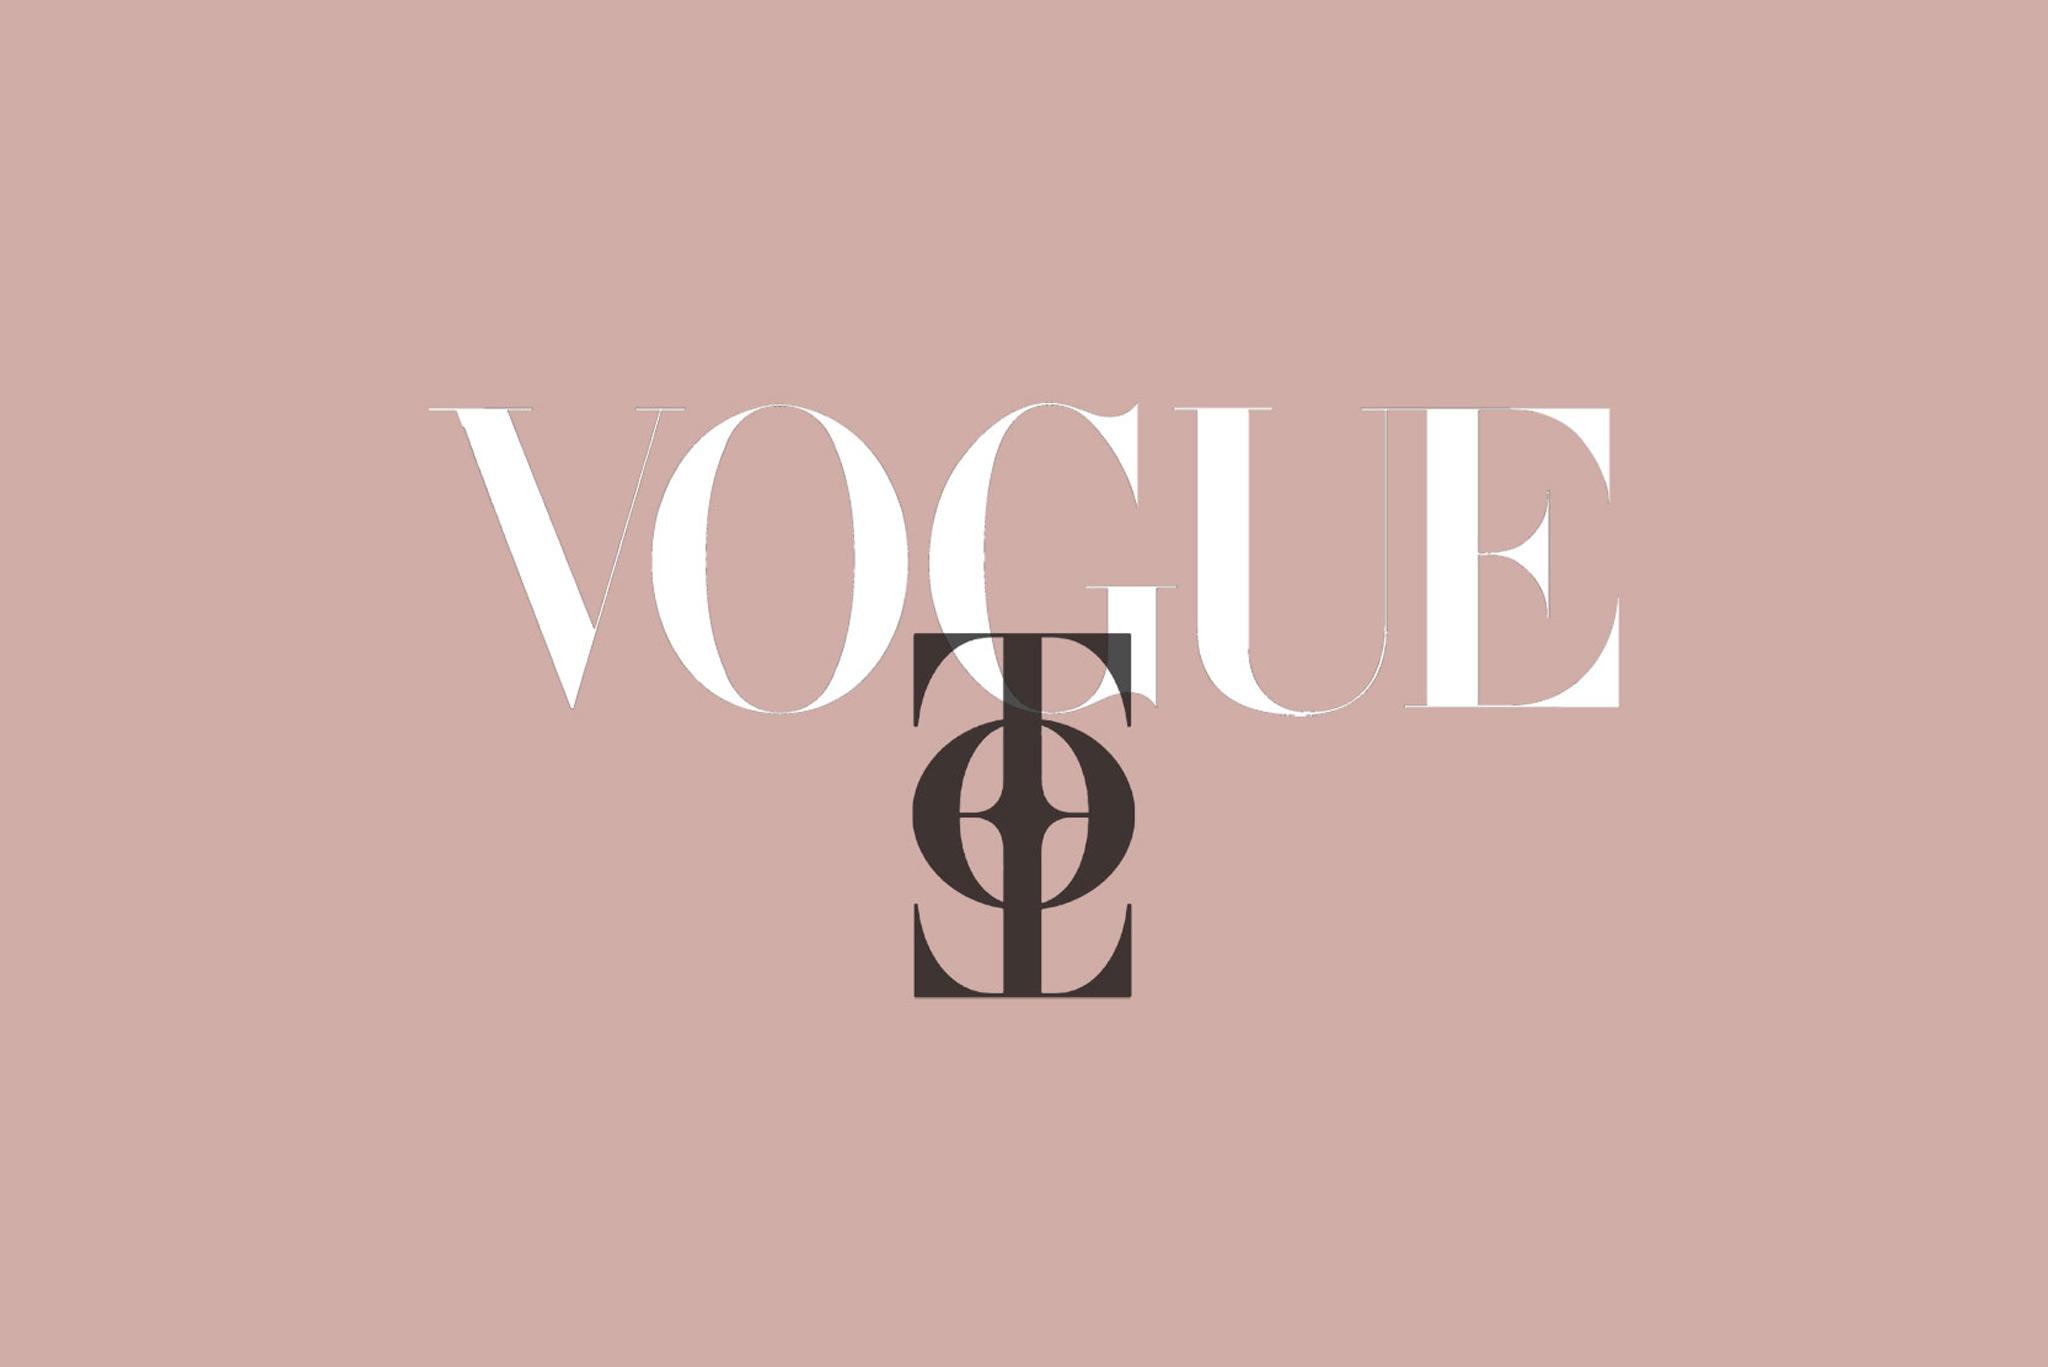 Tabinotabi esempio virtuoso Made in Italy ecosostenibile per Vogue